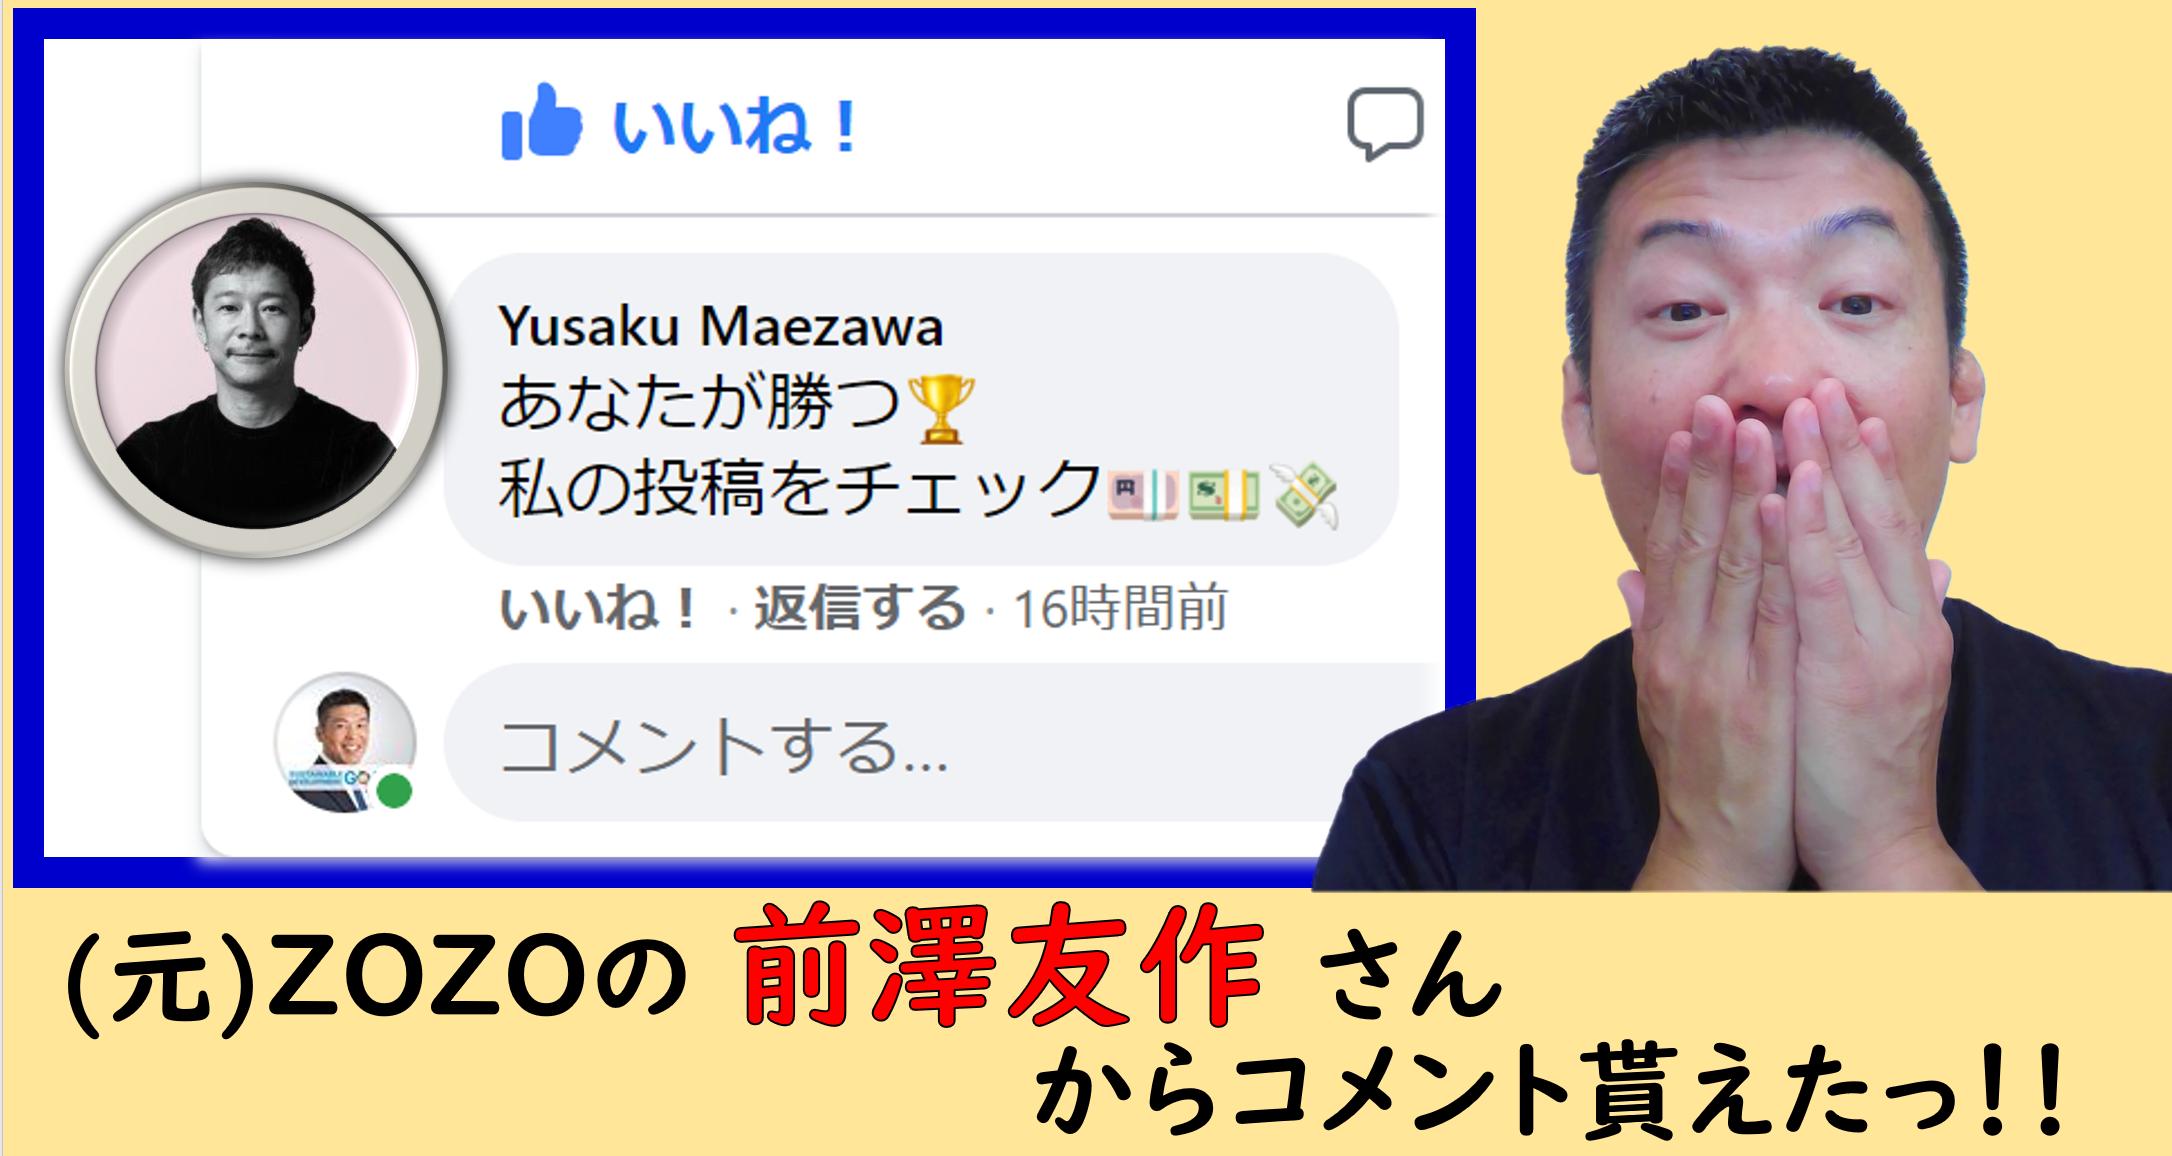 前澤友作の偽アカウントについてのブログです